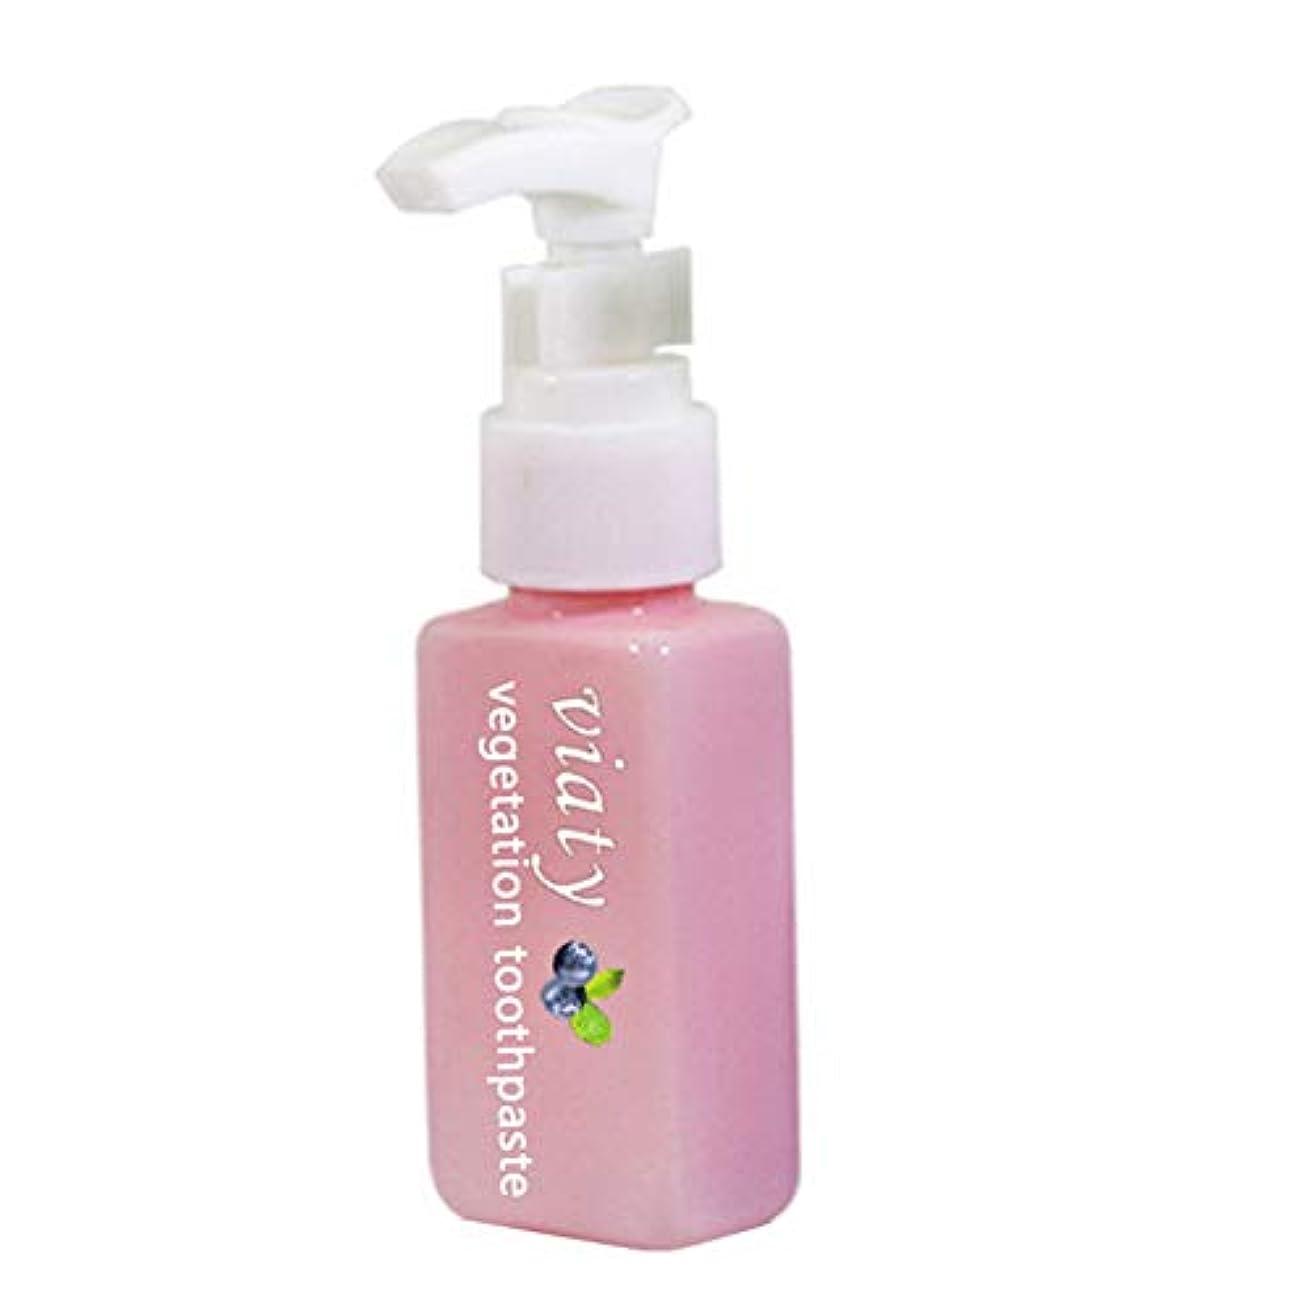 既に所有者エチケットProfeel歯磨き粉アンチブリードガムプレスタイプ新鮮な歯磨き粉を白くする汚れ除去剤